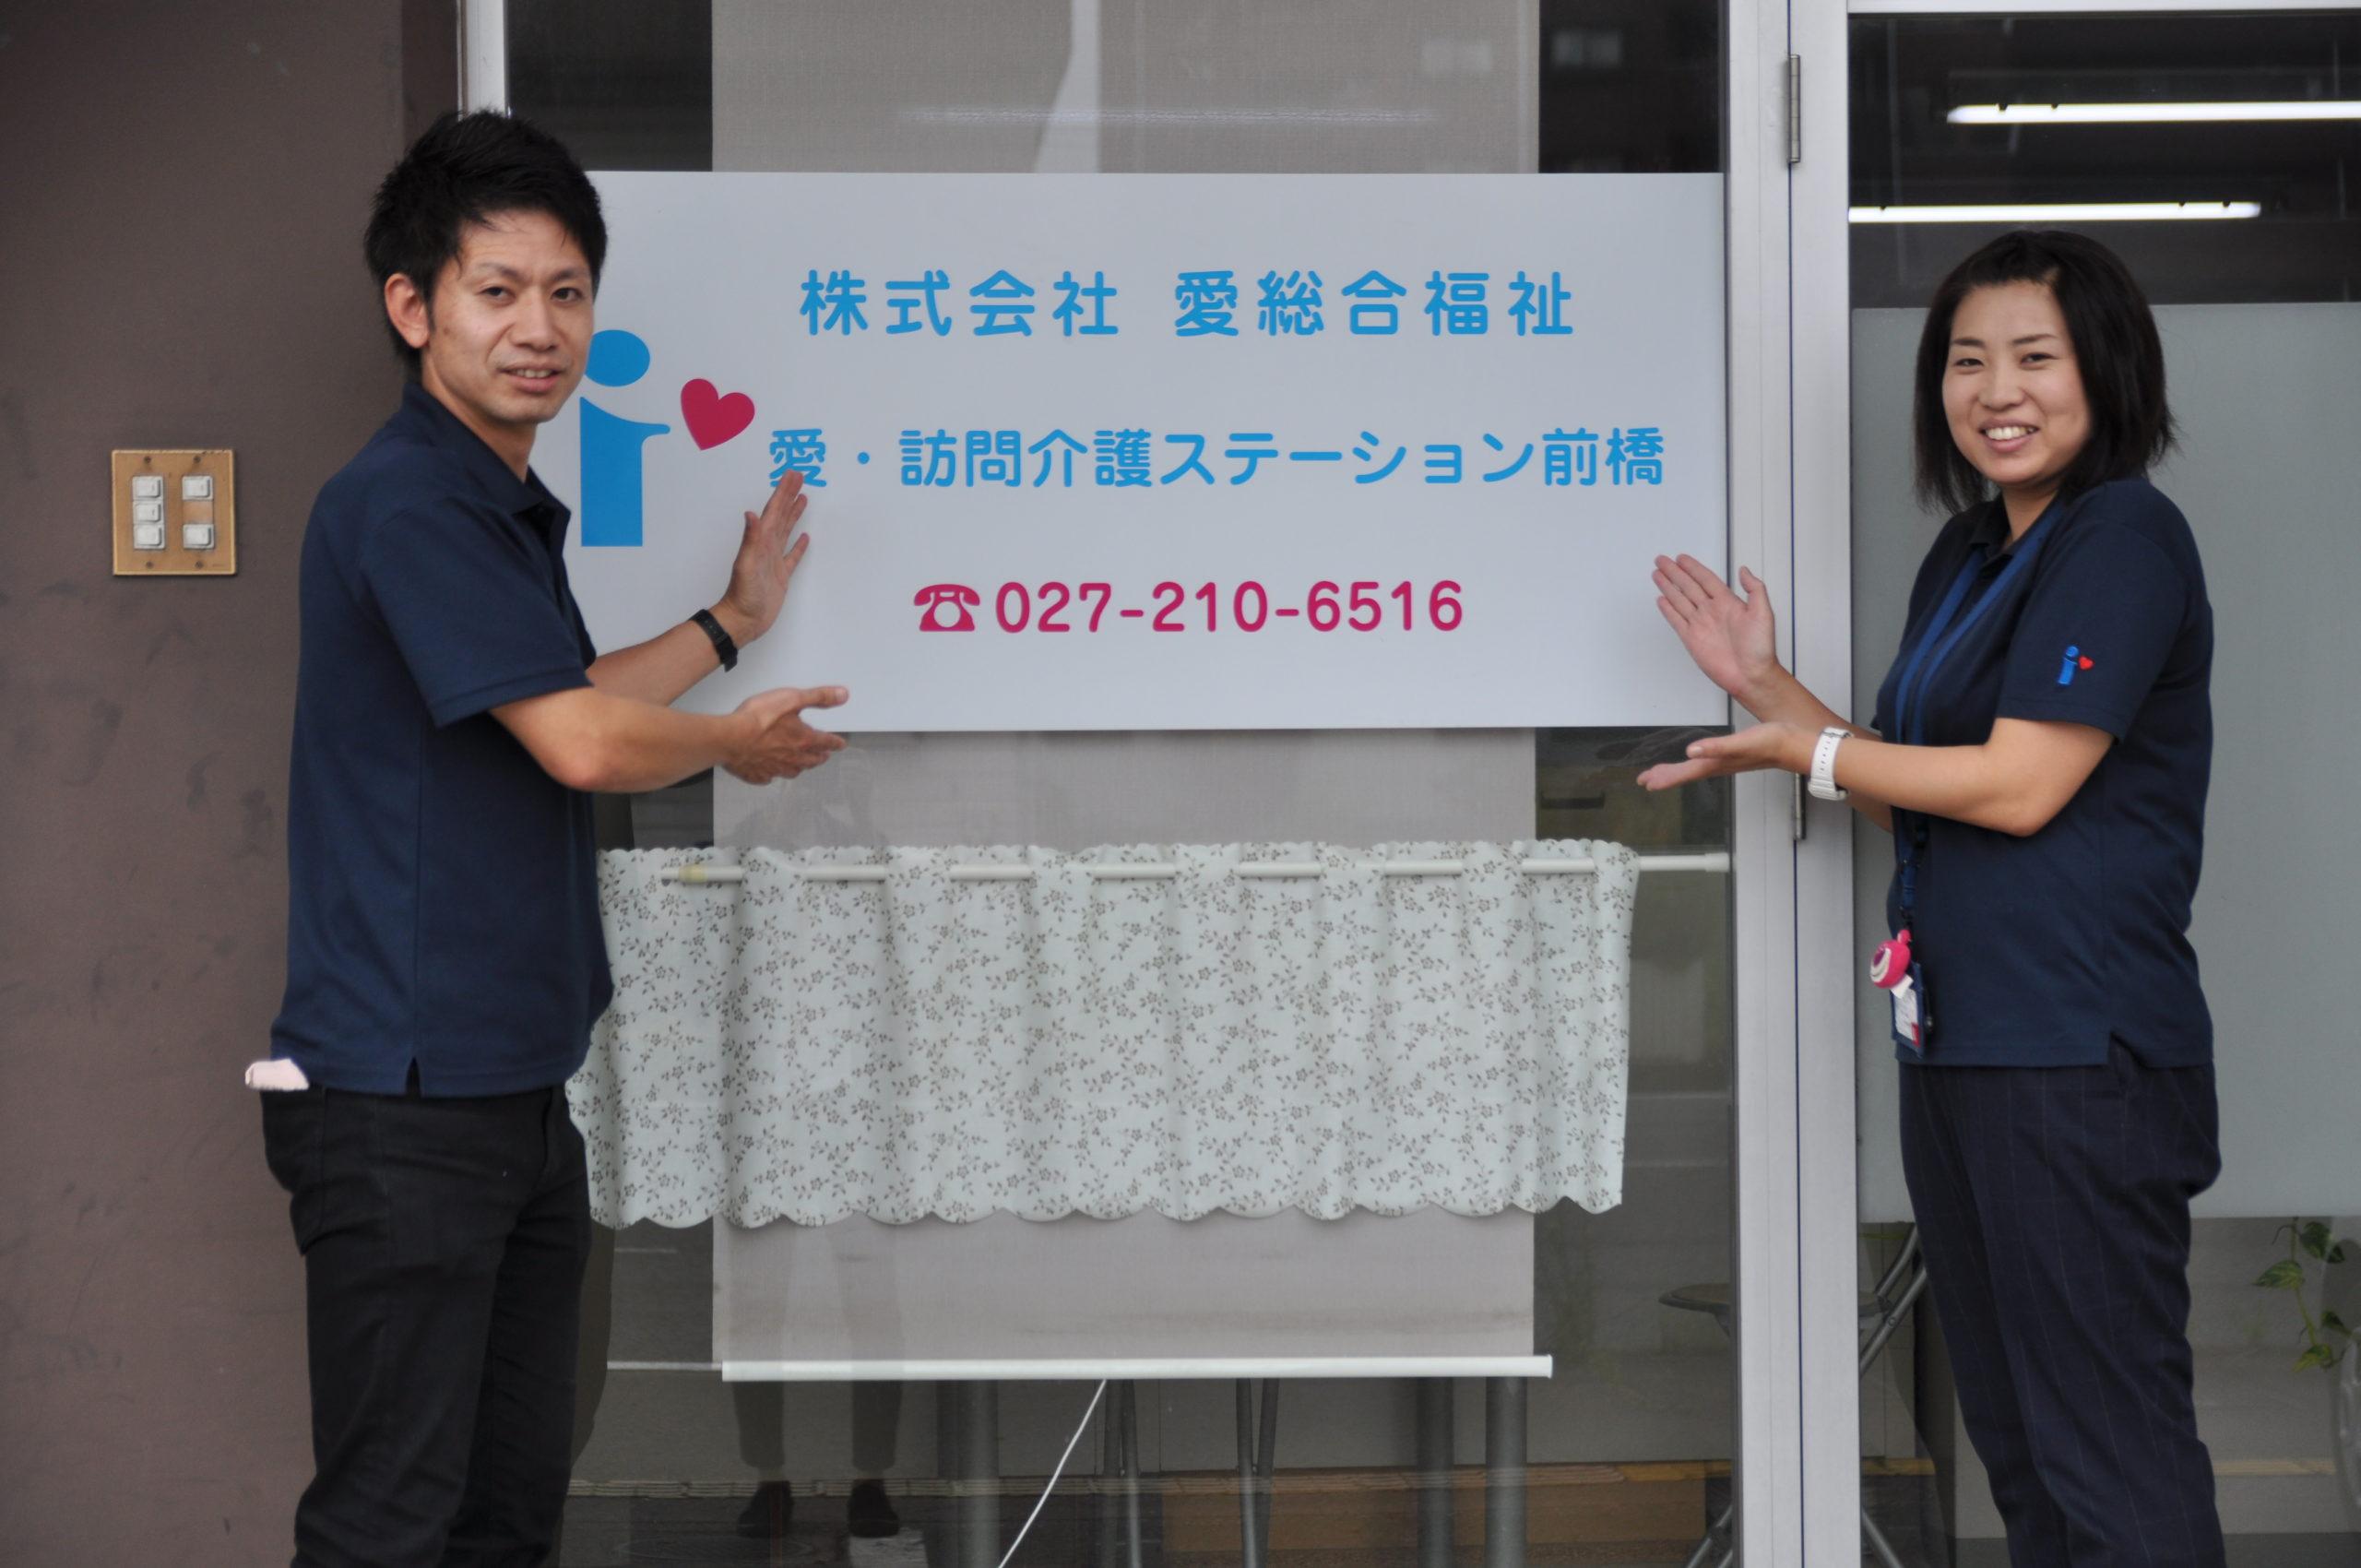 愛・訪問介護ステーション前橋<br>管理者 今井 さん